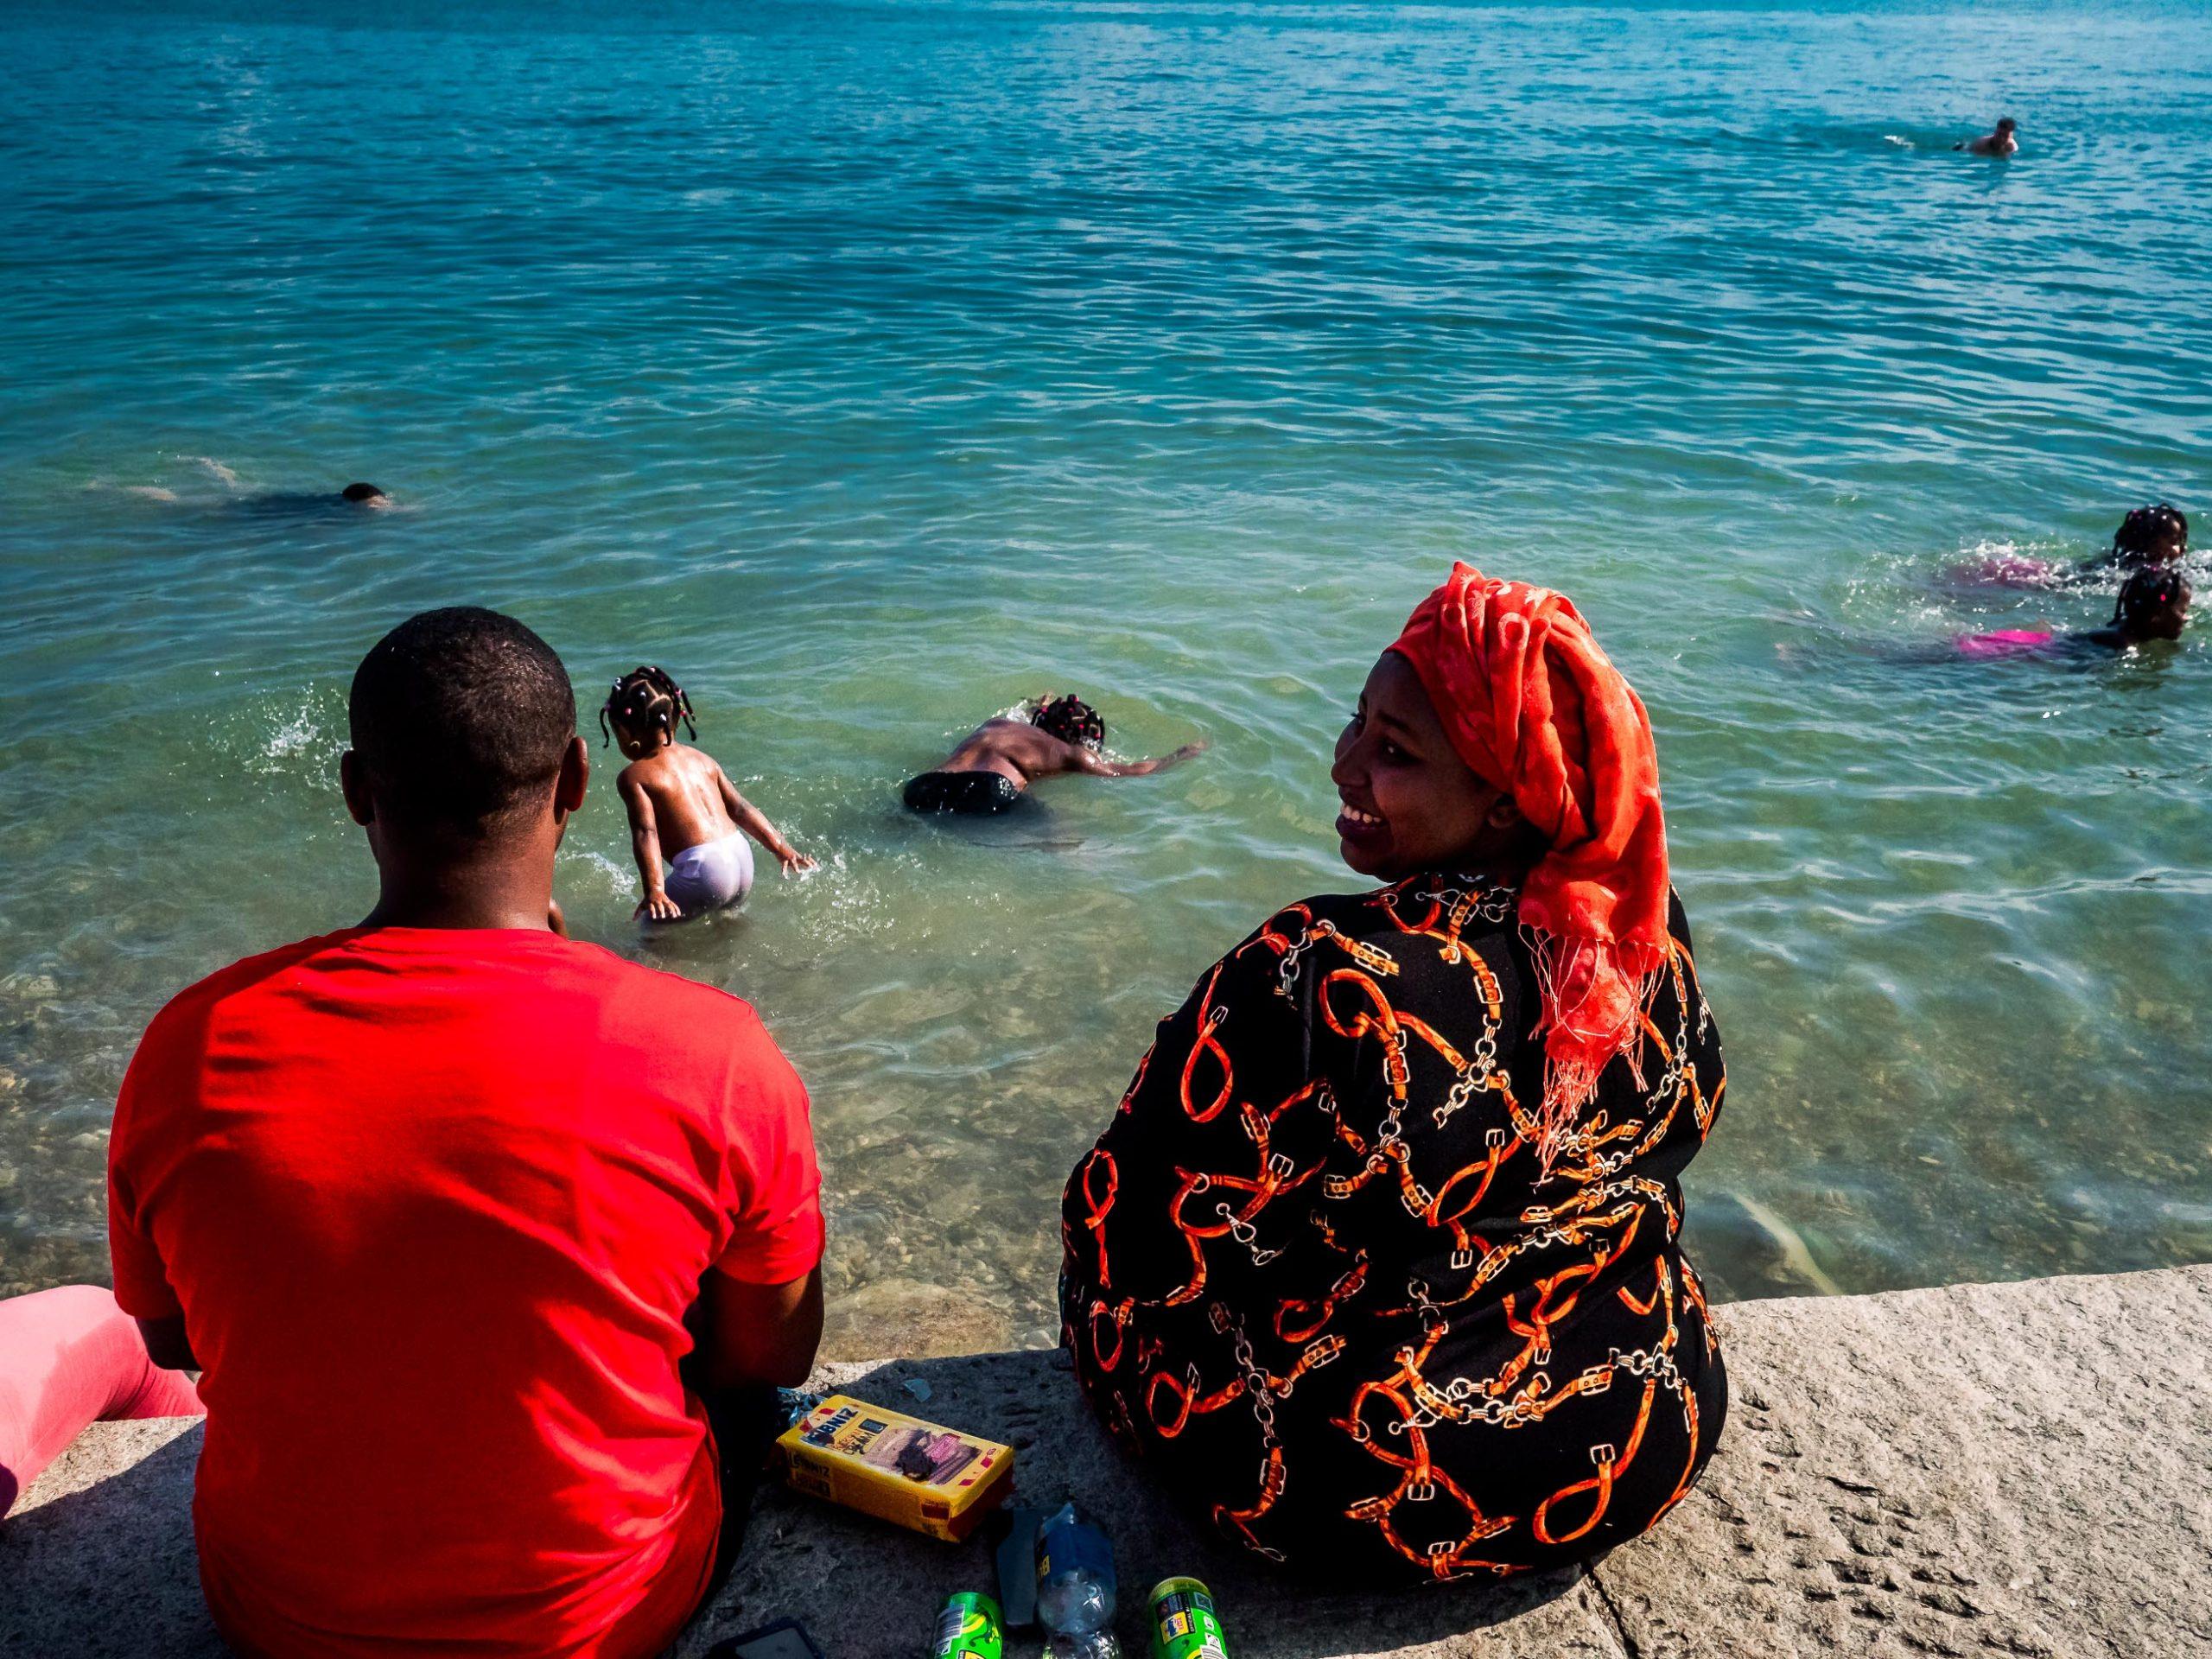 Menschen auf der Strandpromenade in Starnberg am See in Bayern Afrikanische Großfamilie